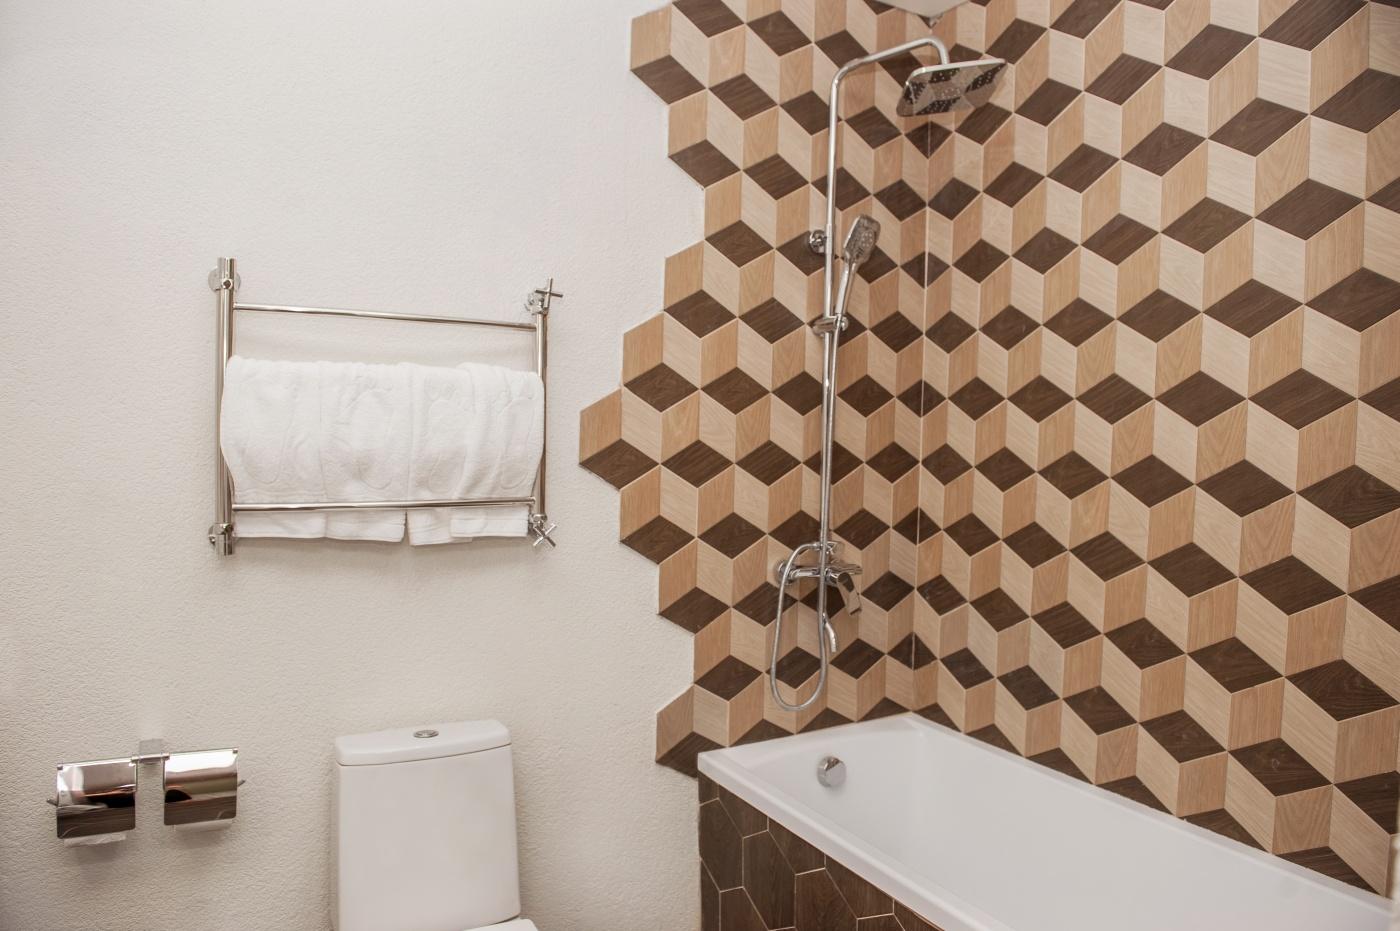 Отель «Aurum Family Resort & Spa» Краснодарский край Apartments 2-местный 3-комнатный, фото 4